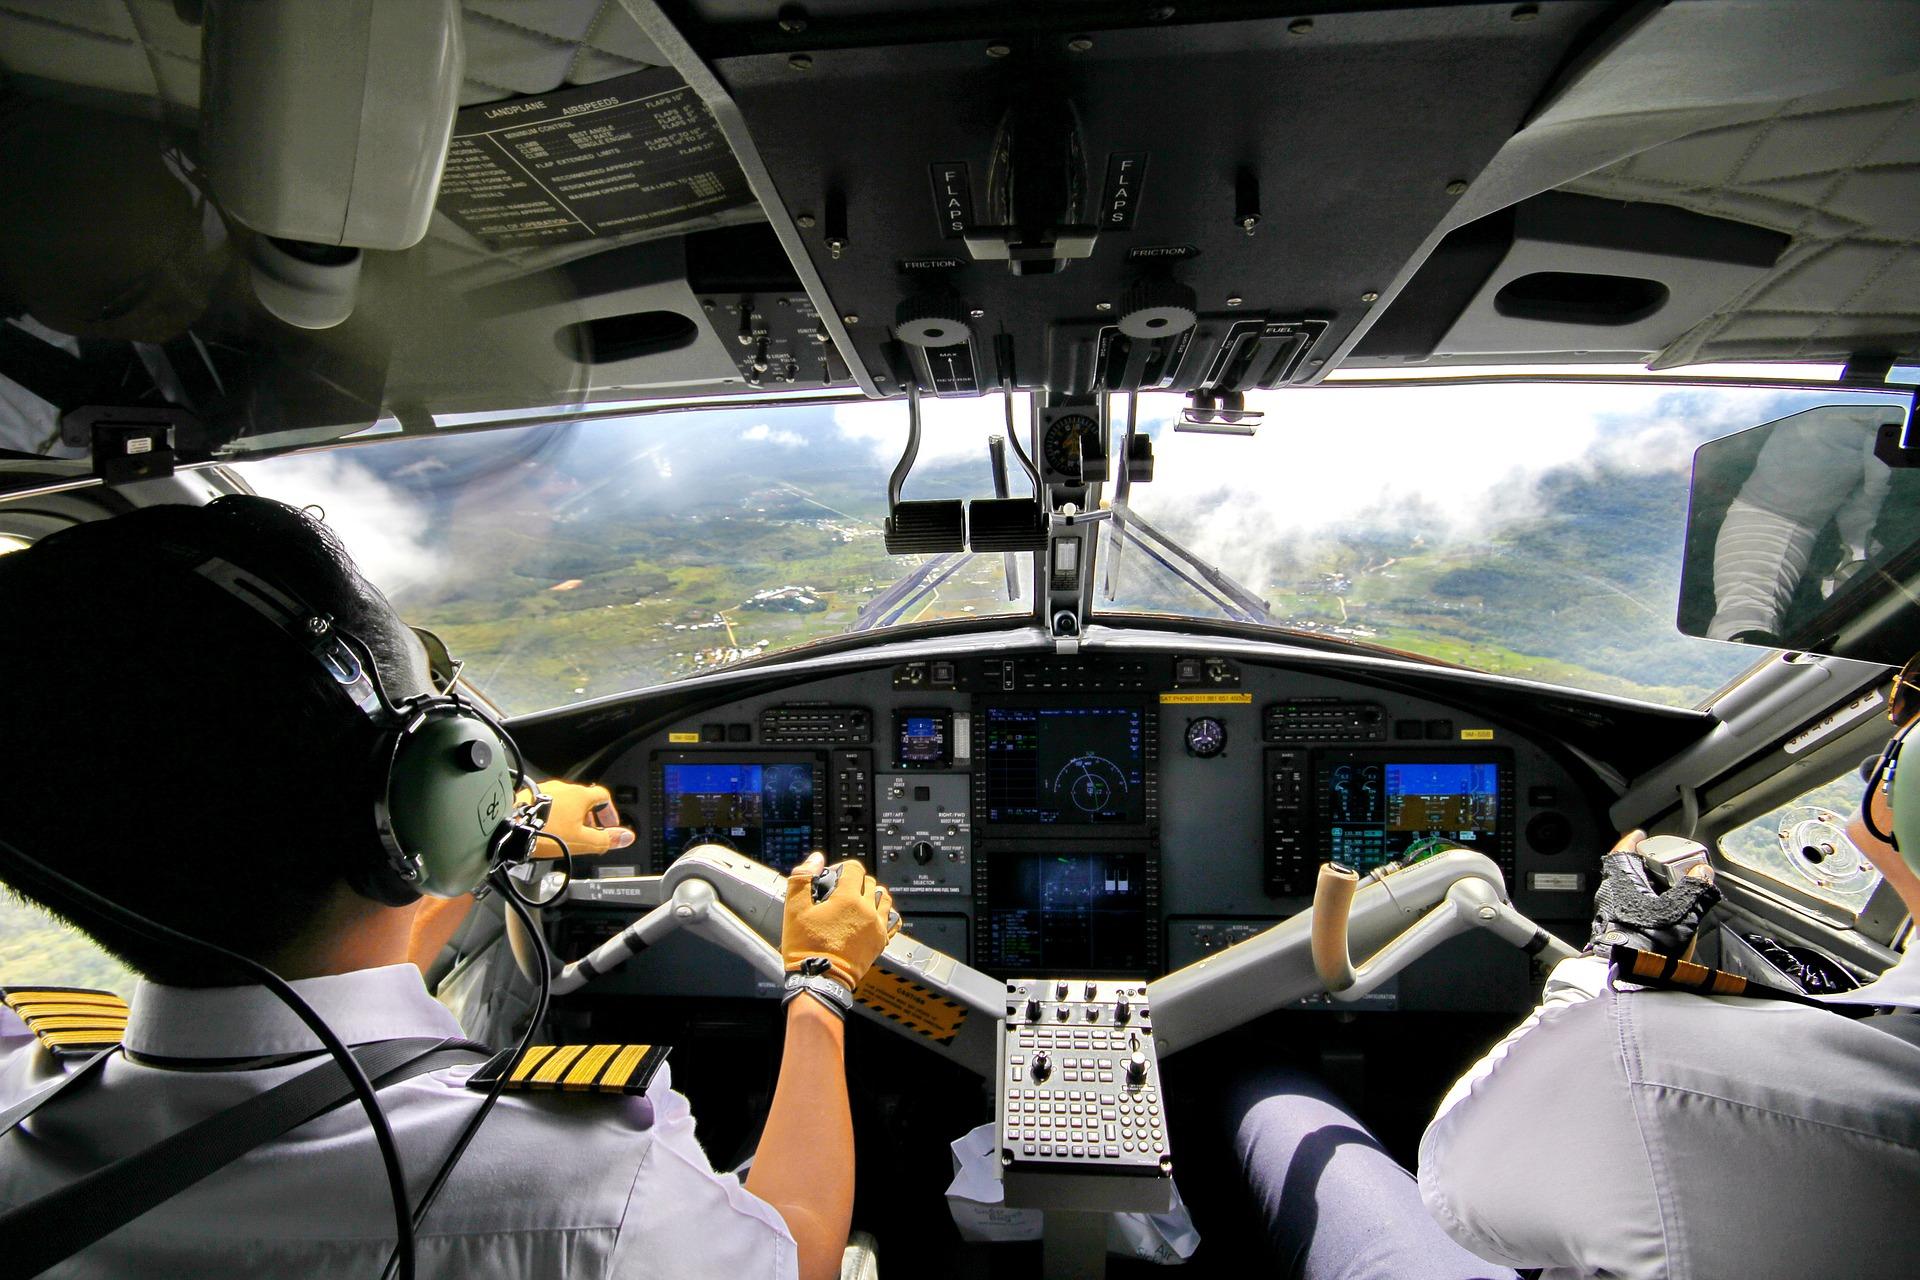 Blick aus Buschflugzeug nach vorne mit Piloten